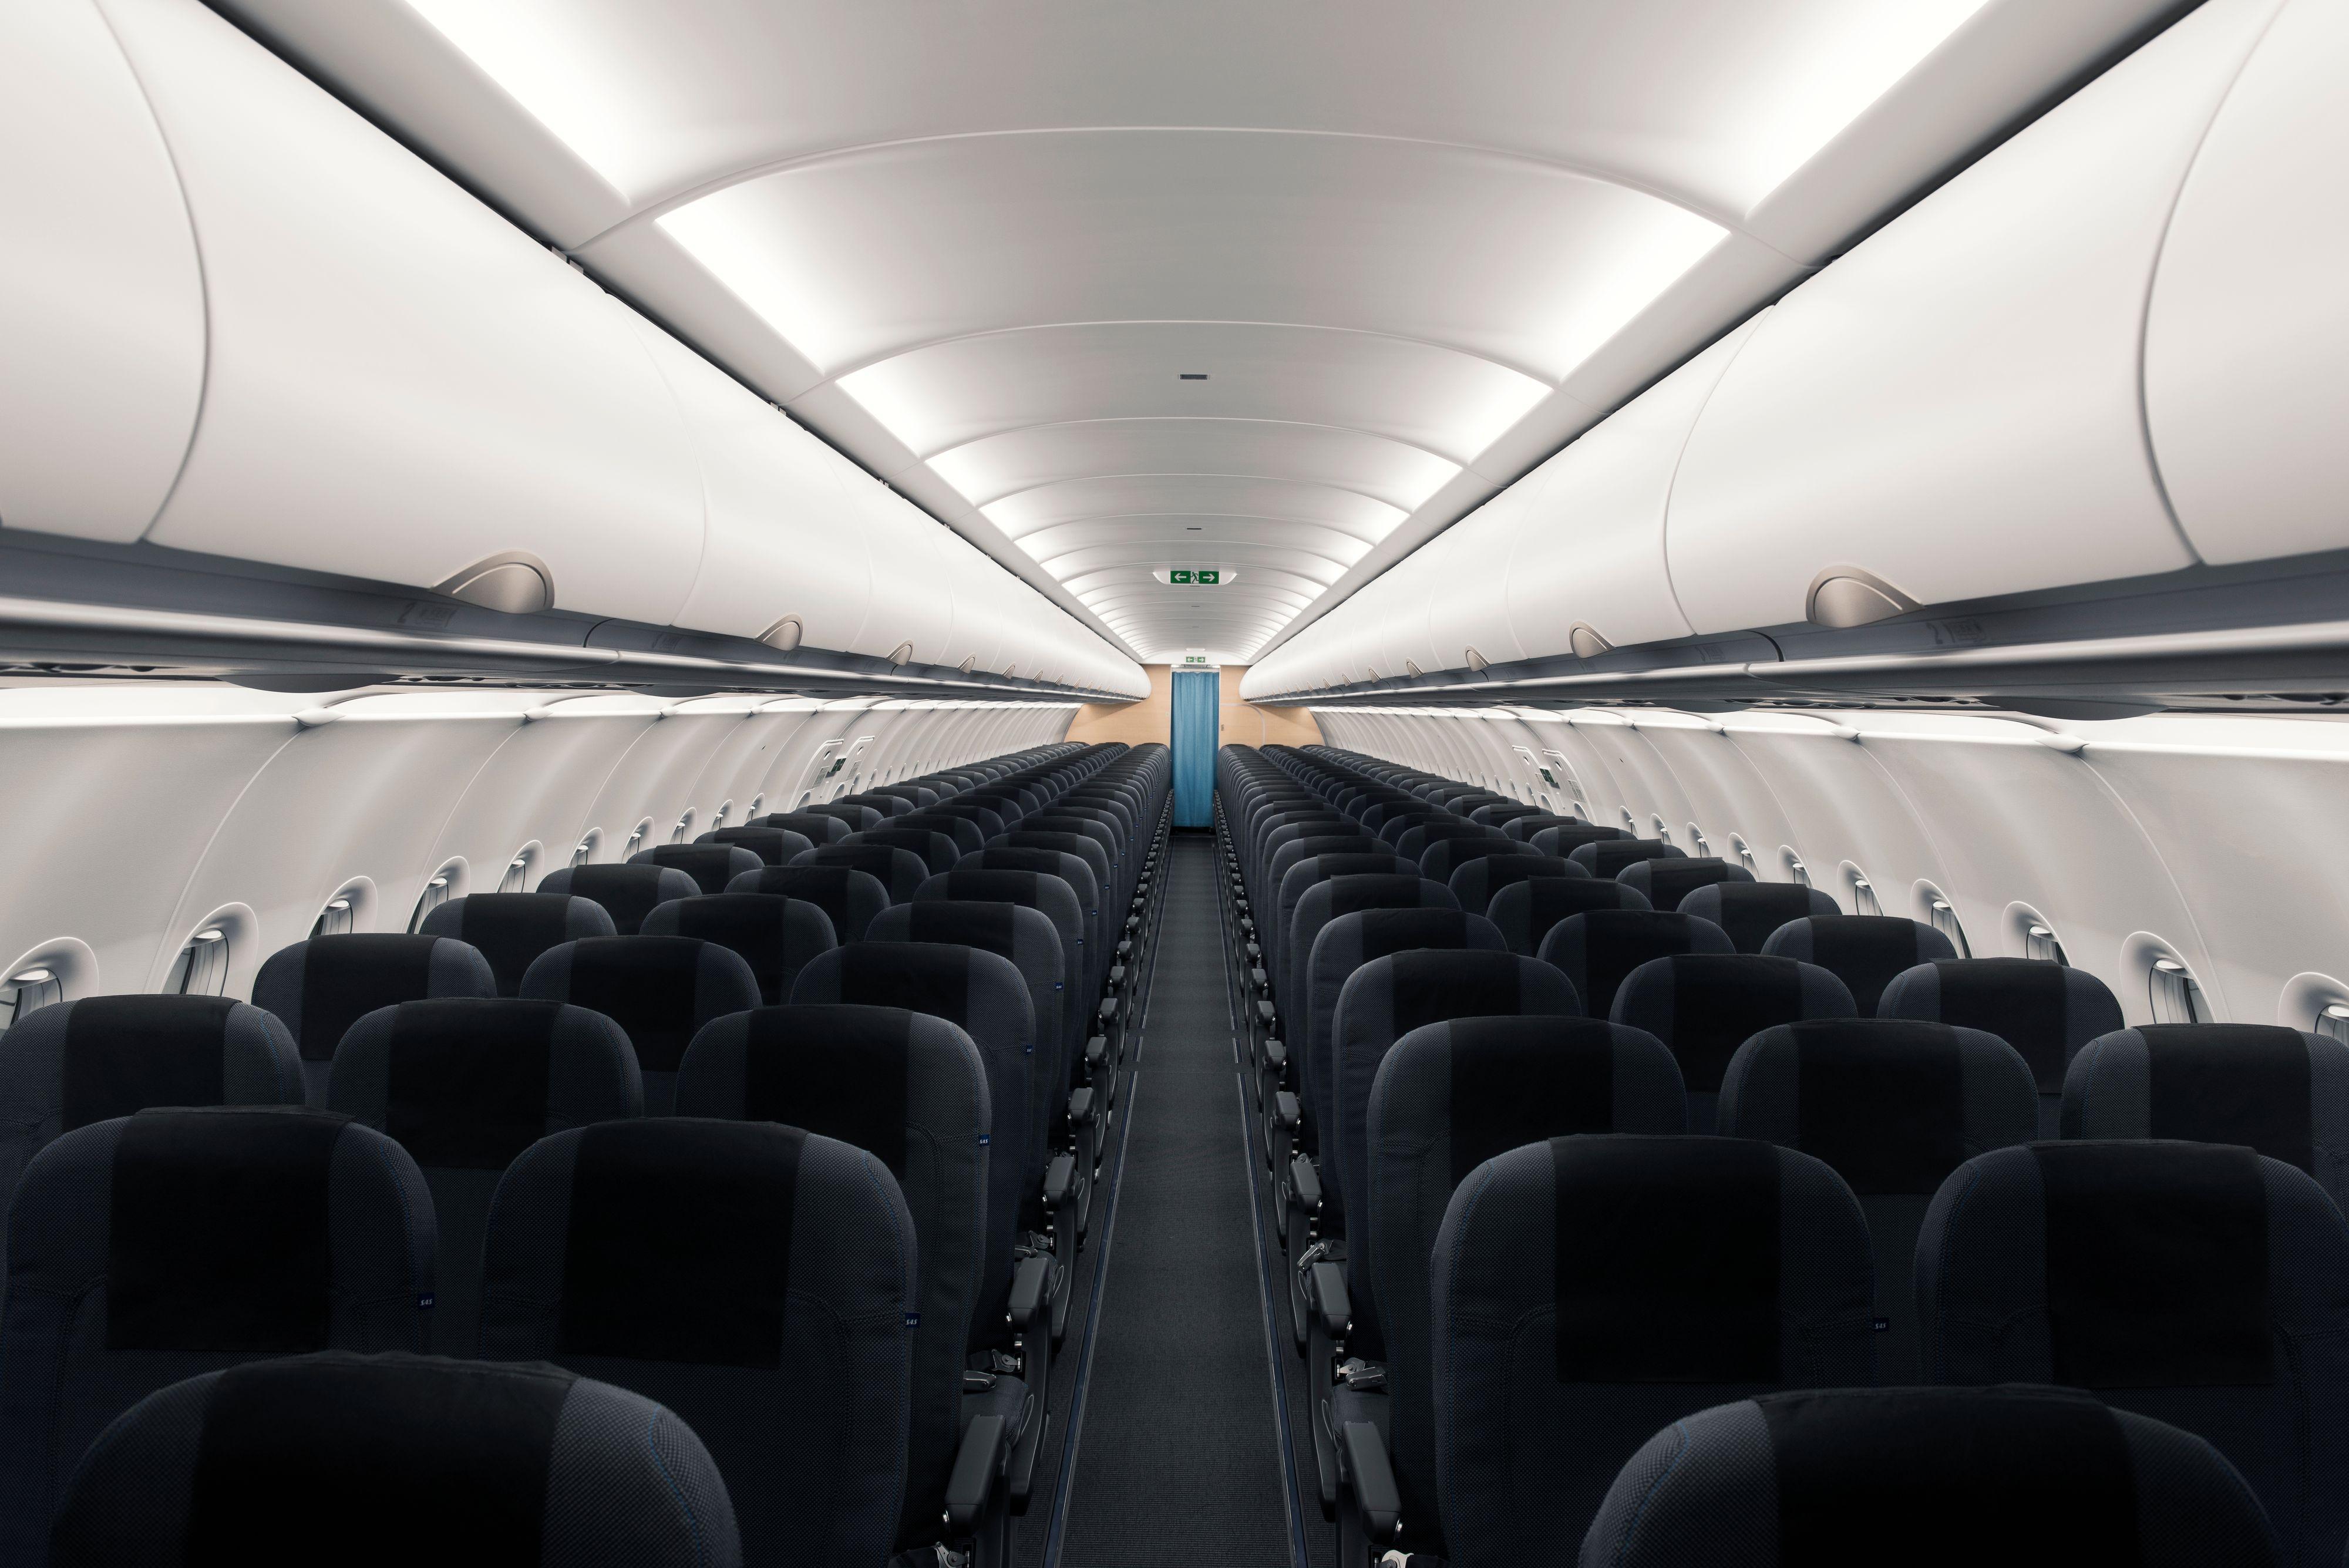 Hele kort- og mellombaneflåten, med Airbus A320 Neo og Boeing 737, skal få ny wifi-løsning.